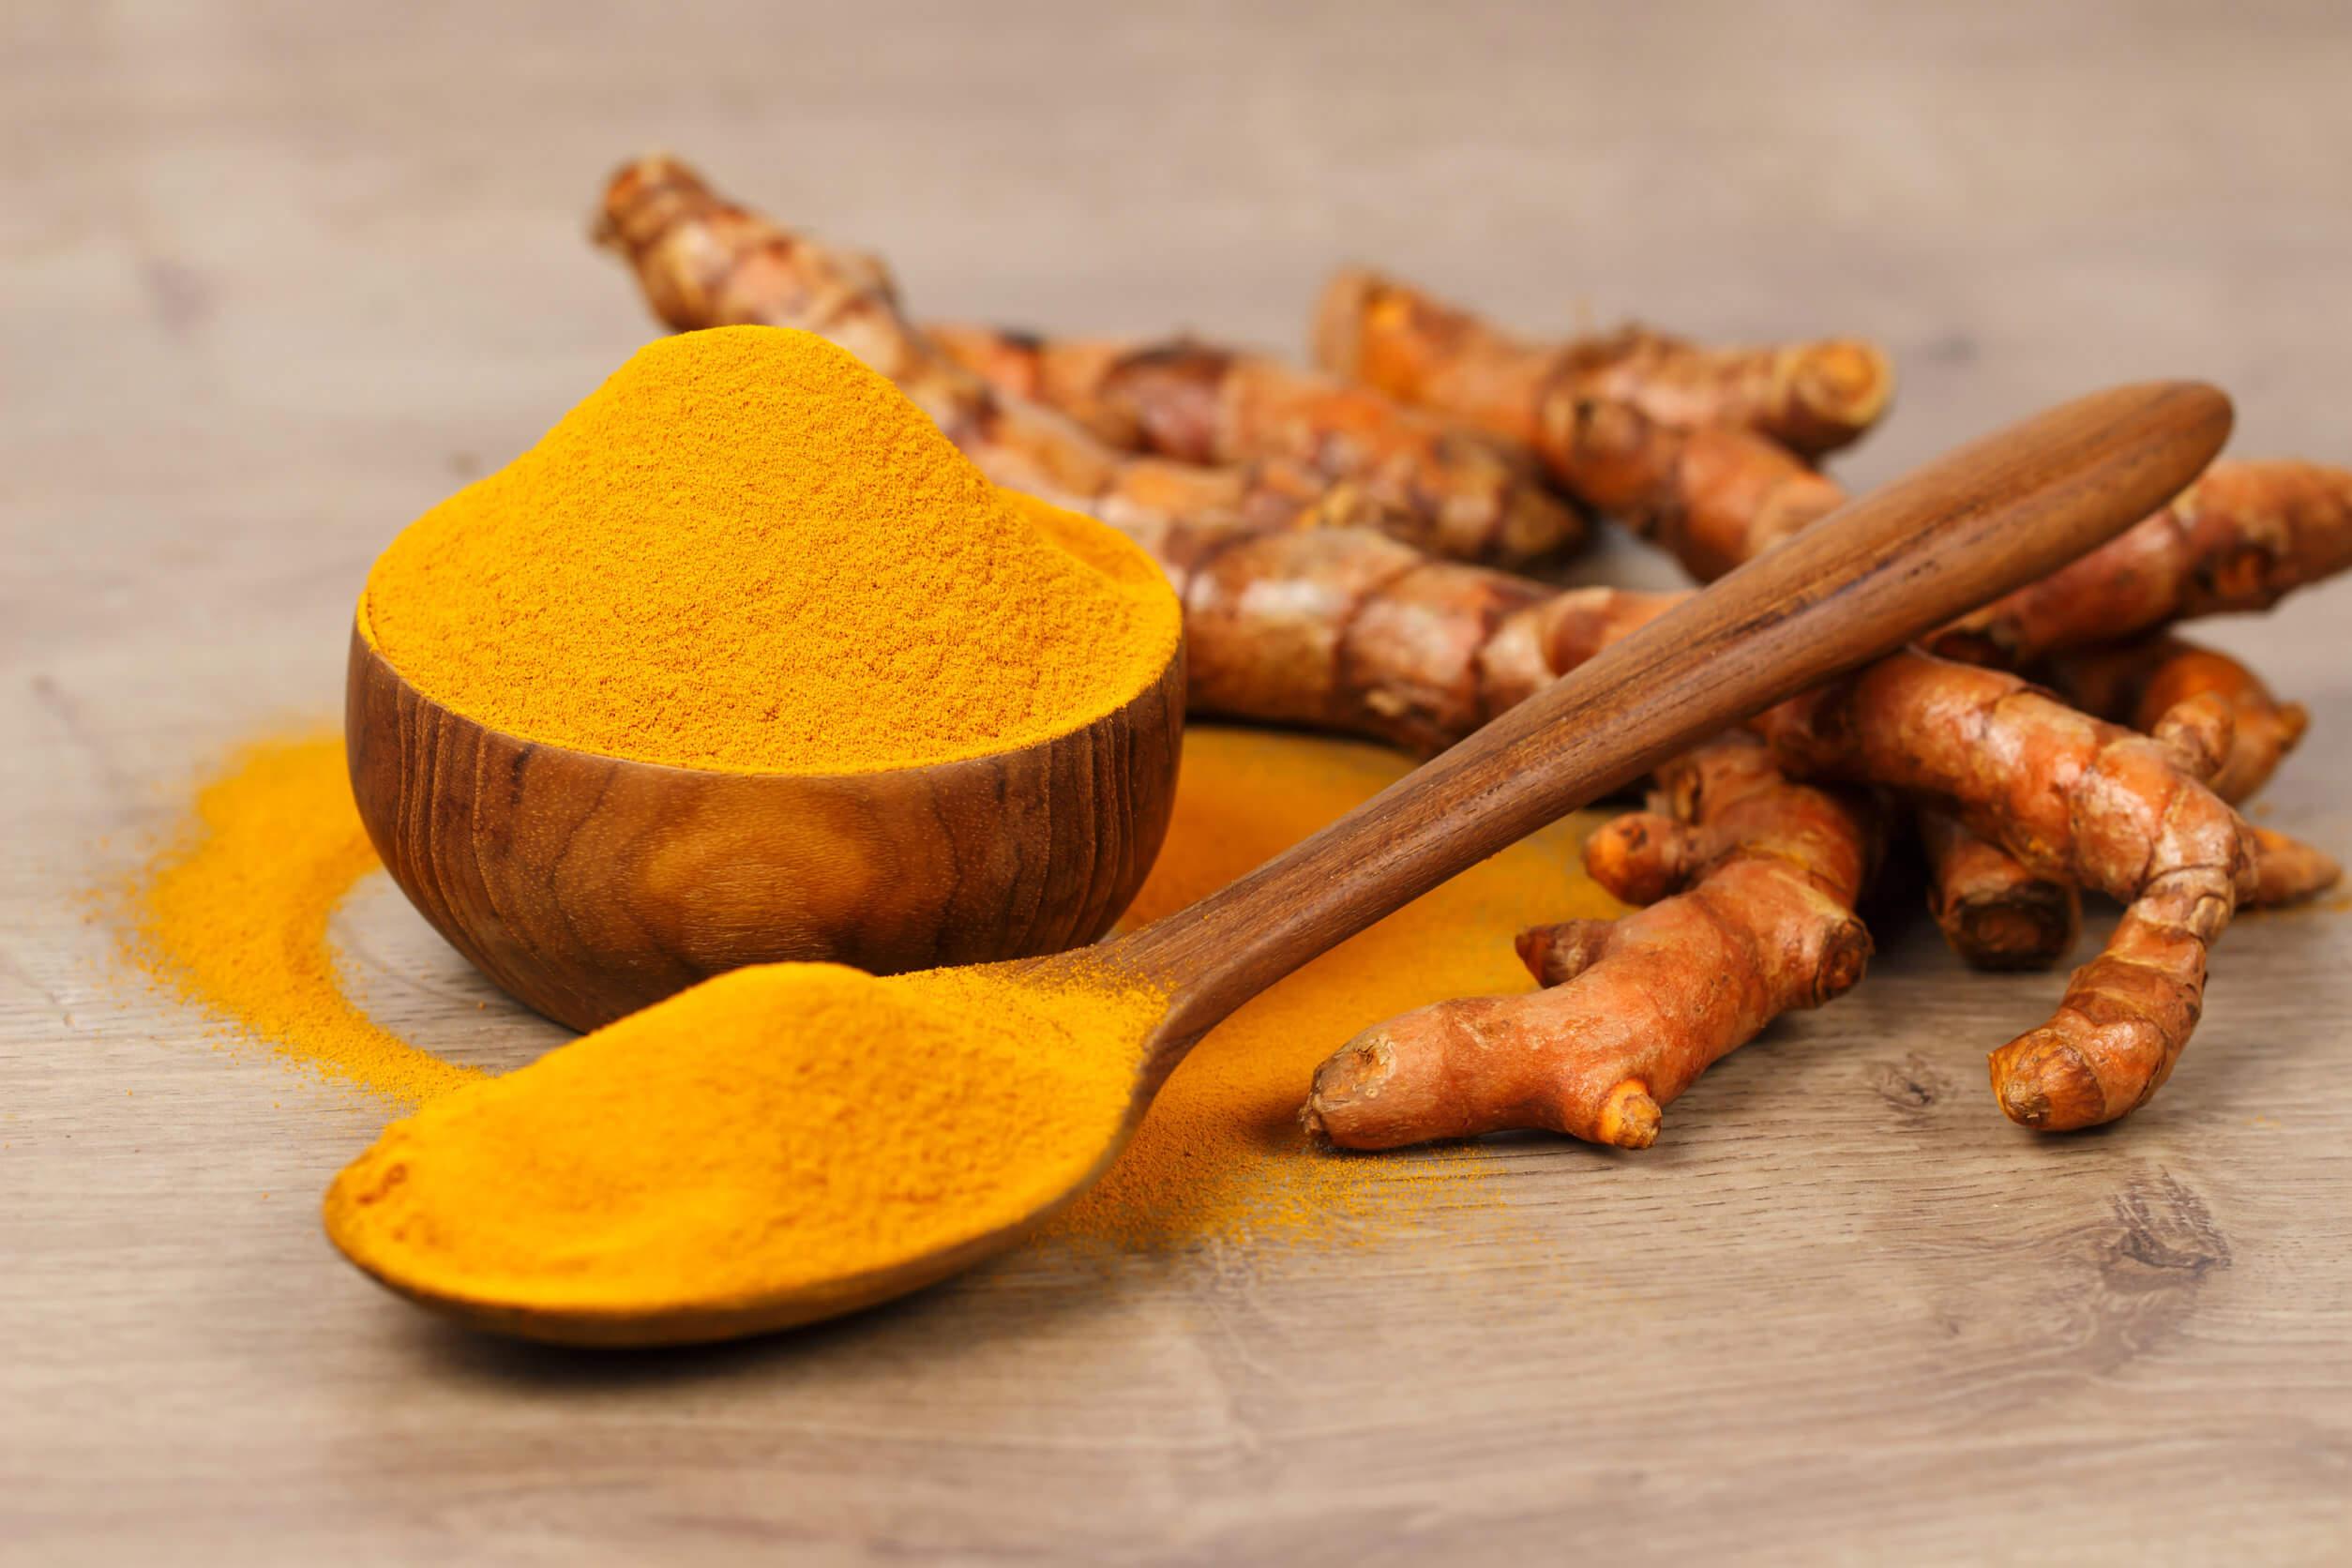 Tratamiento de cúrcuma, miel de abejas y leche